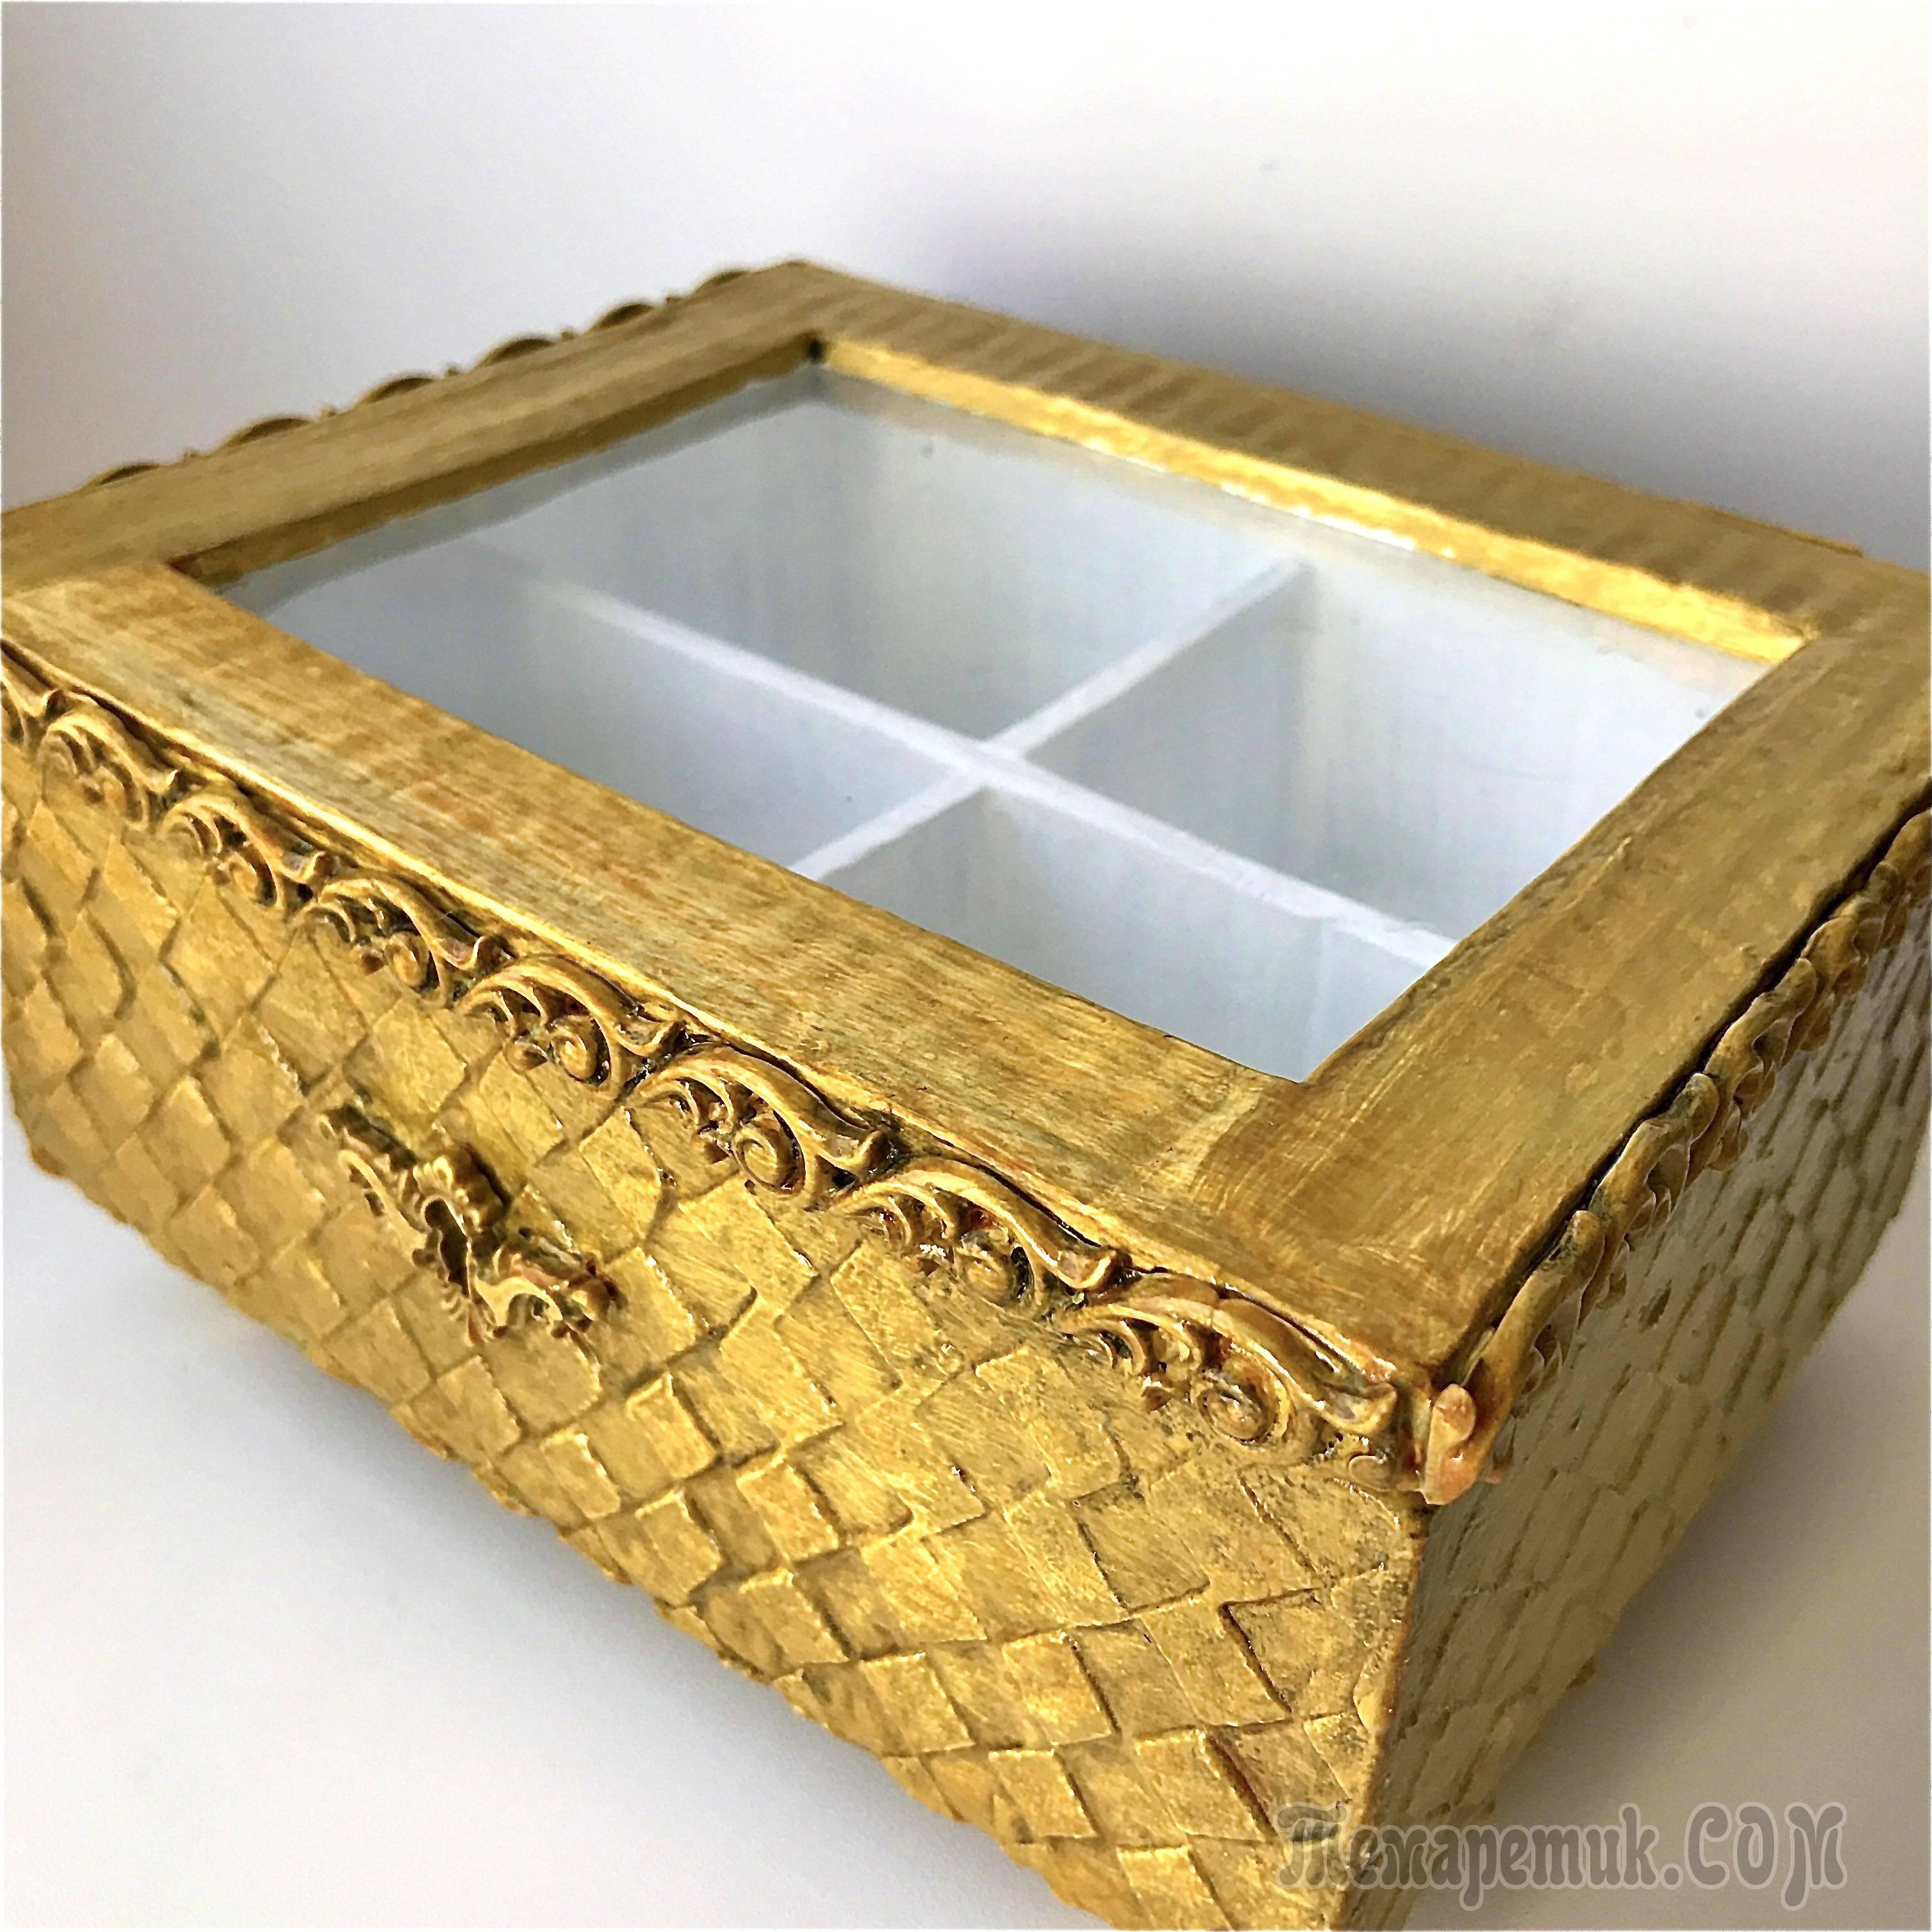 Рукоделие коробок: лучшиые идеи применения старых коробок (125 фото)